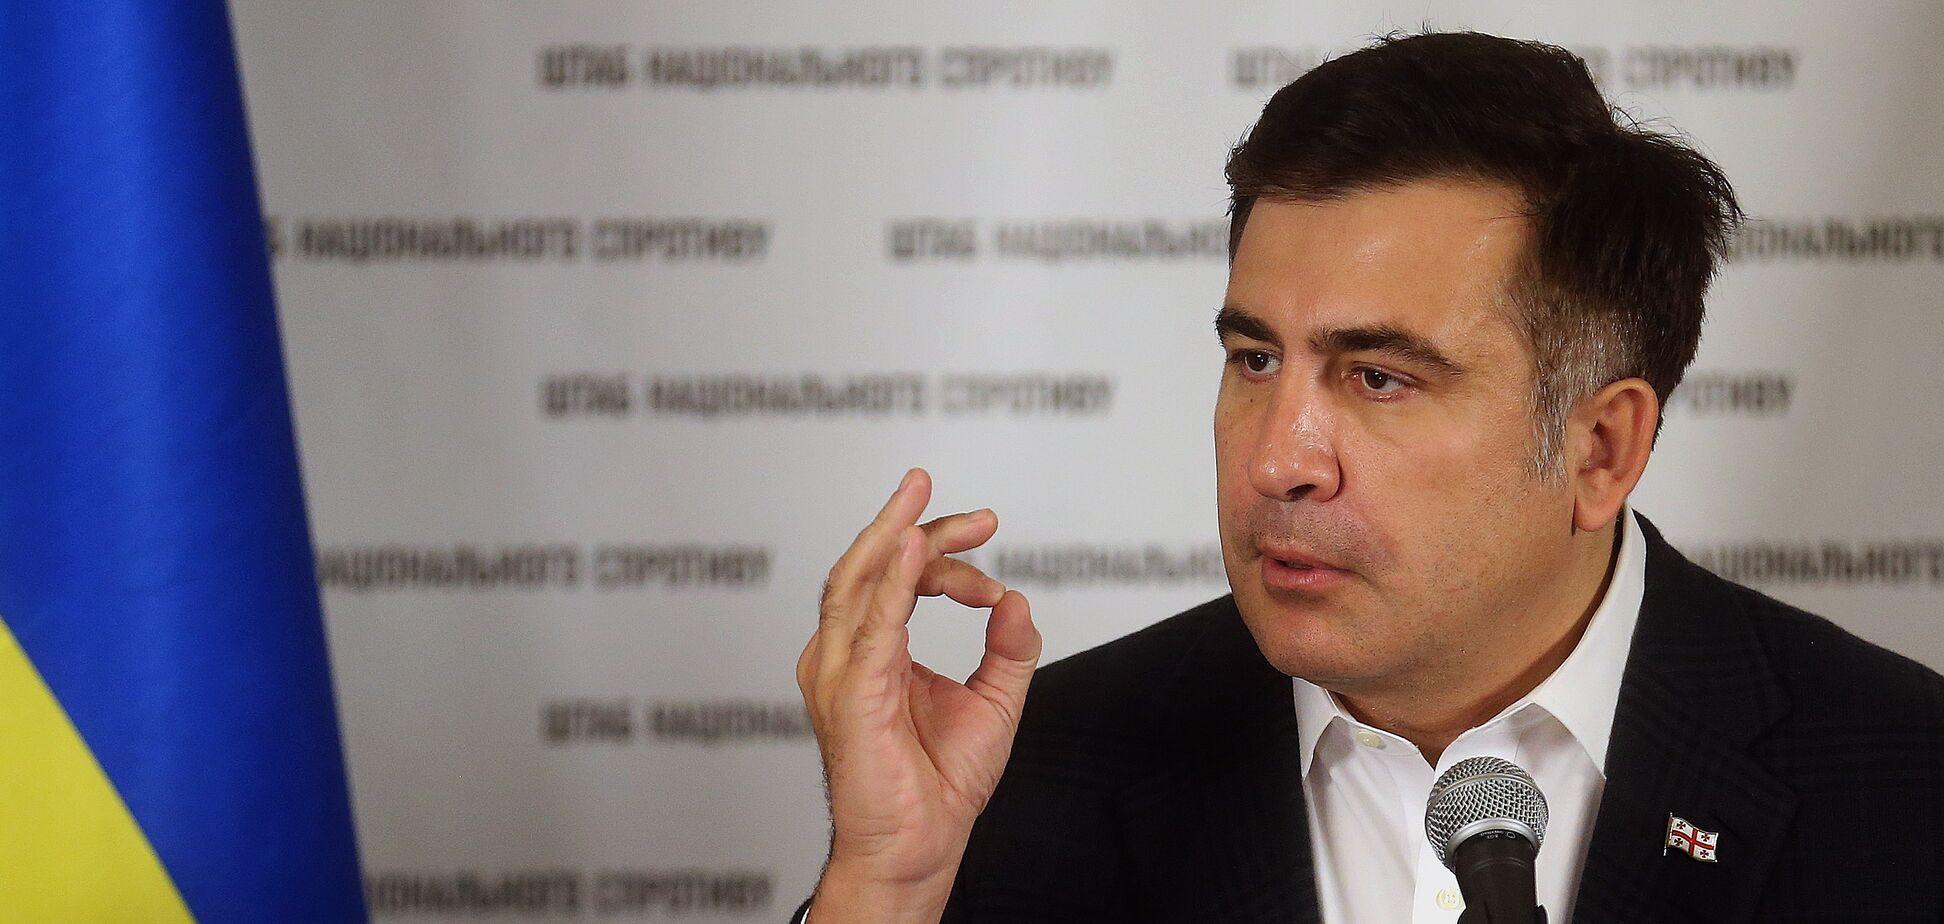 Саакашвили анонсировал перемены в Украине и пообещал, что 'полетят головы'